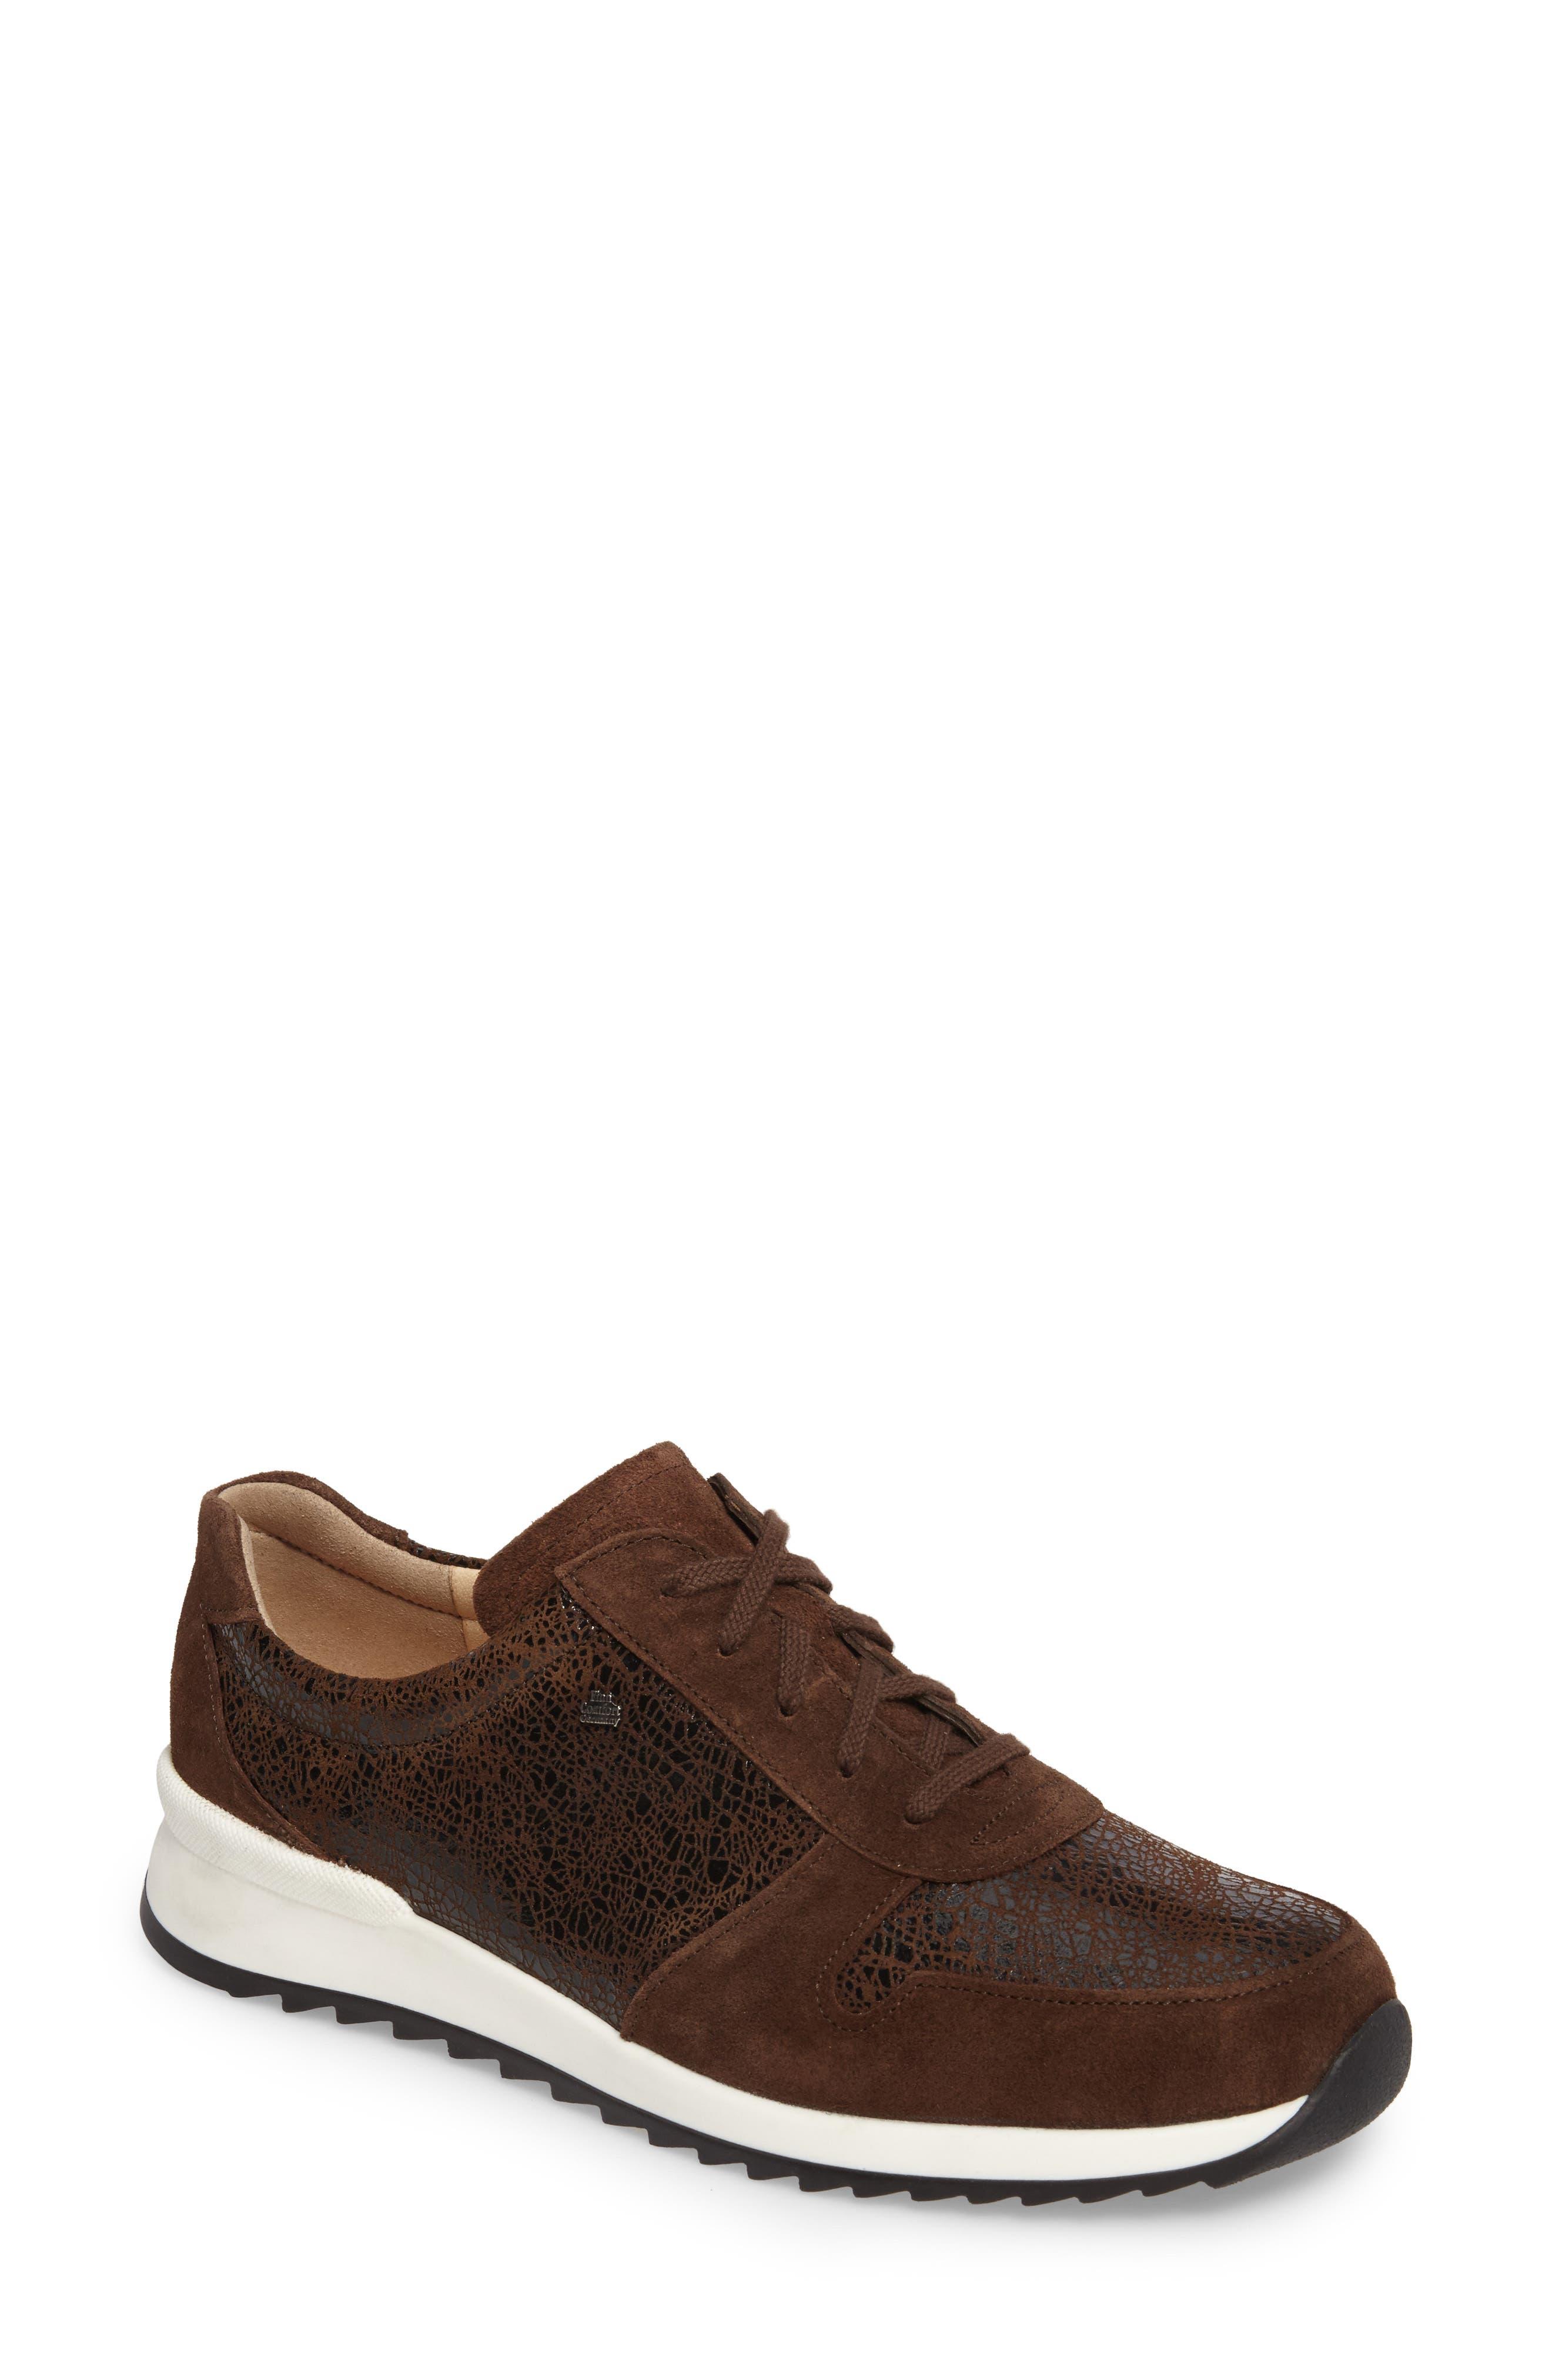 Finn Comfort Sidonia Sneaker (Women)